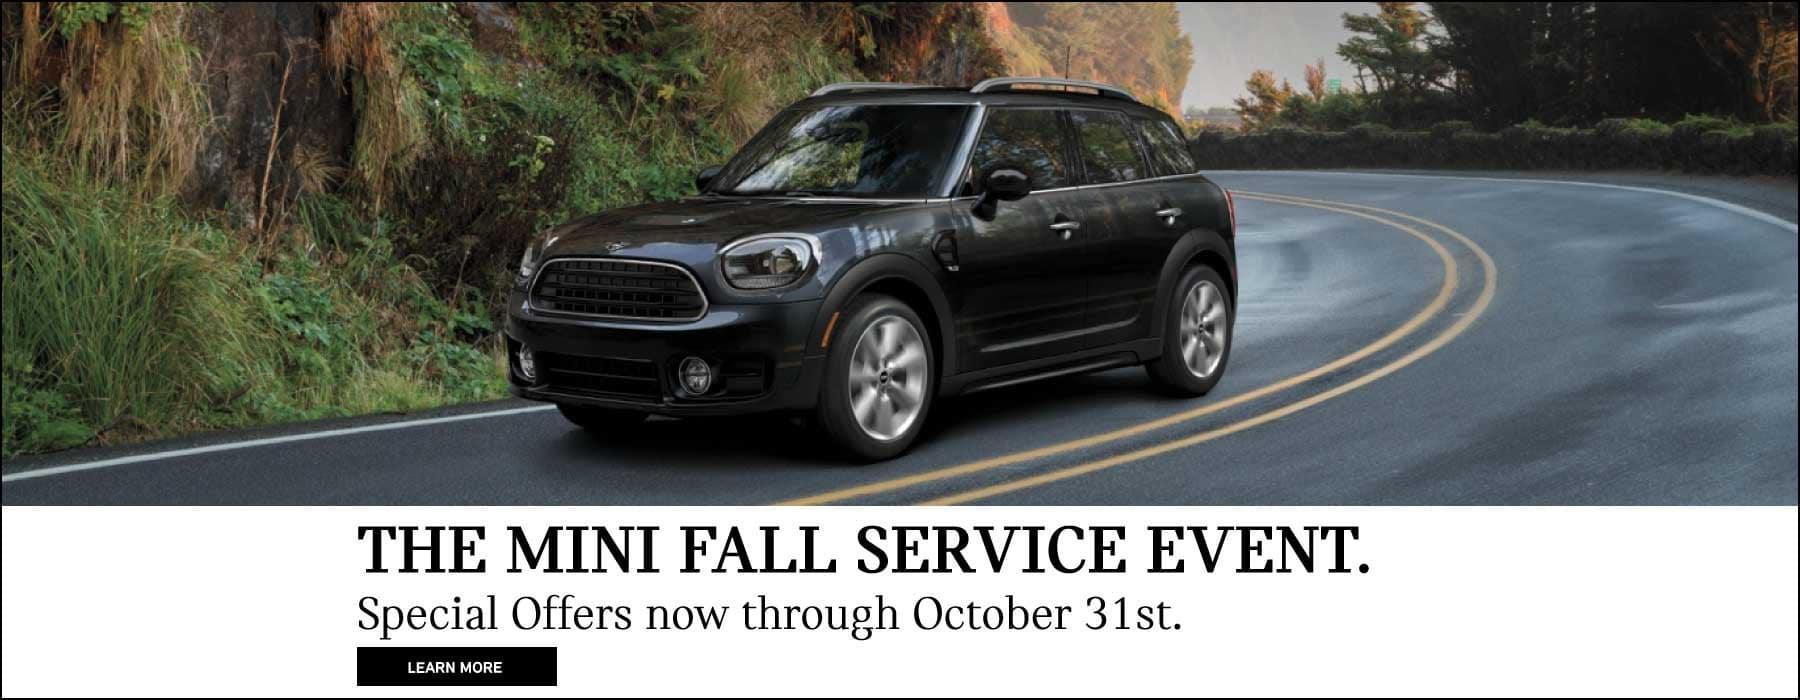 MINI Fall Service Event